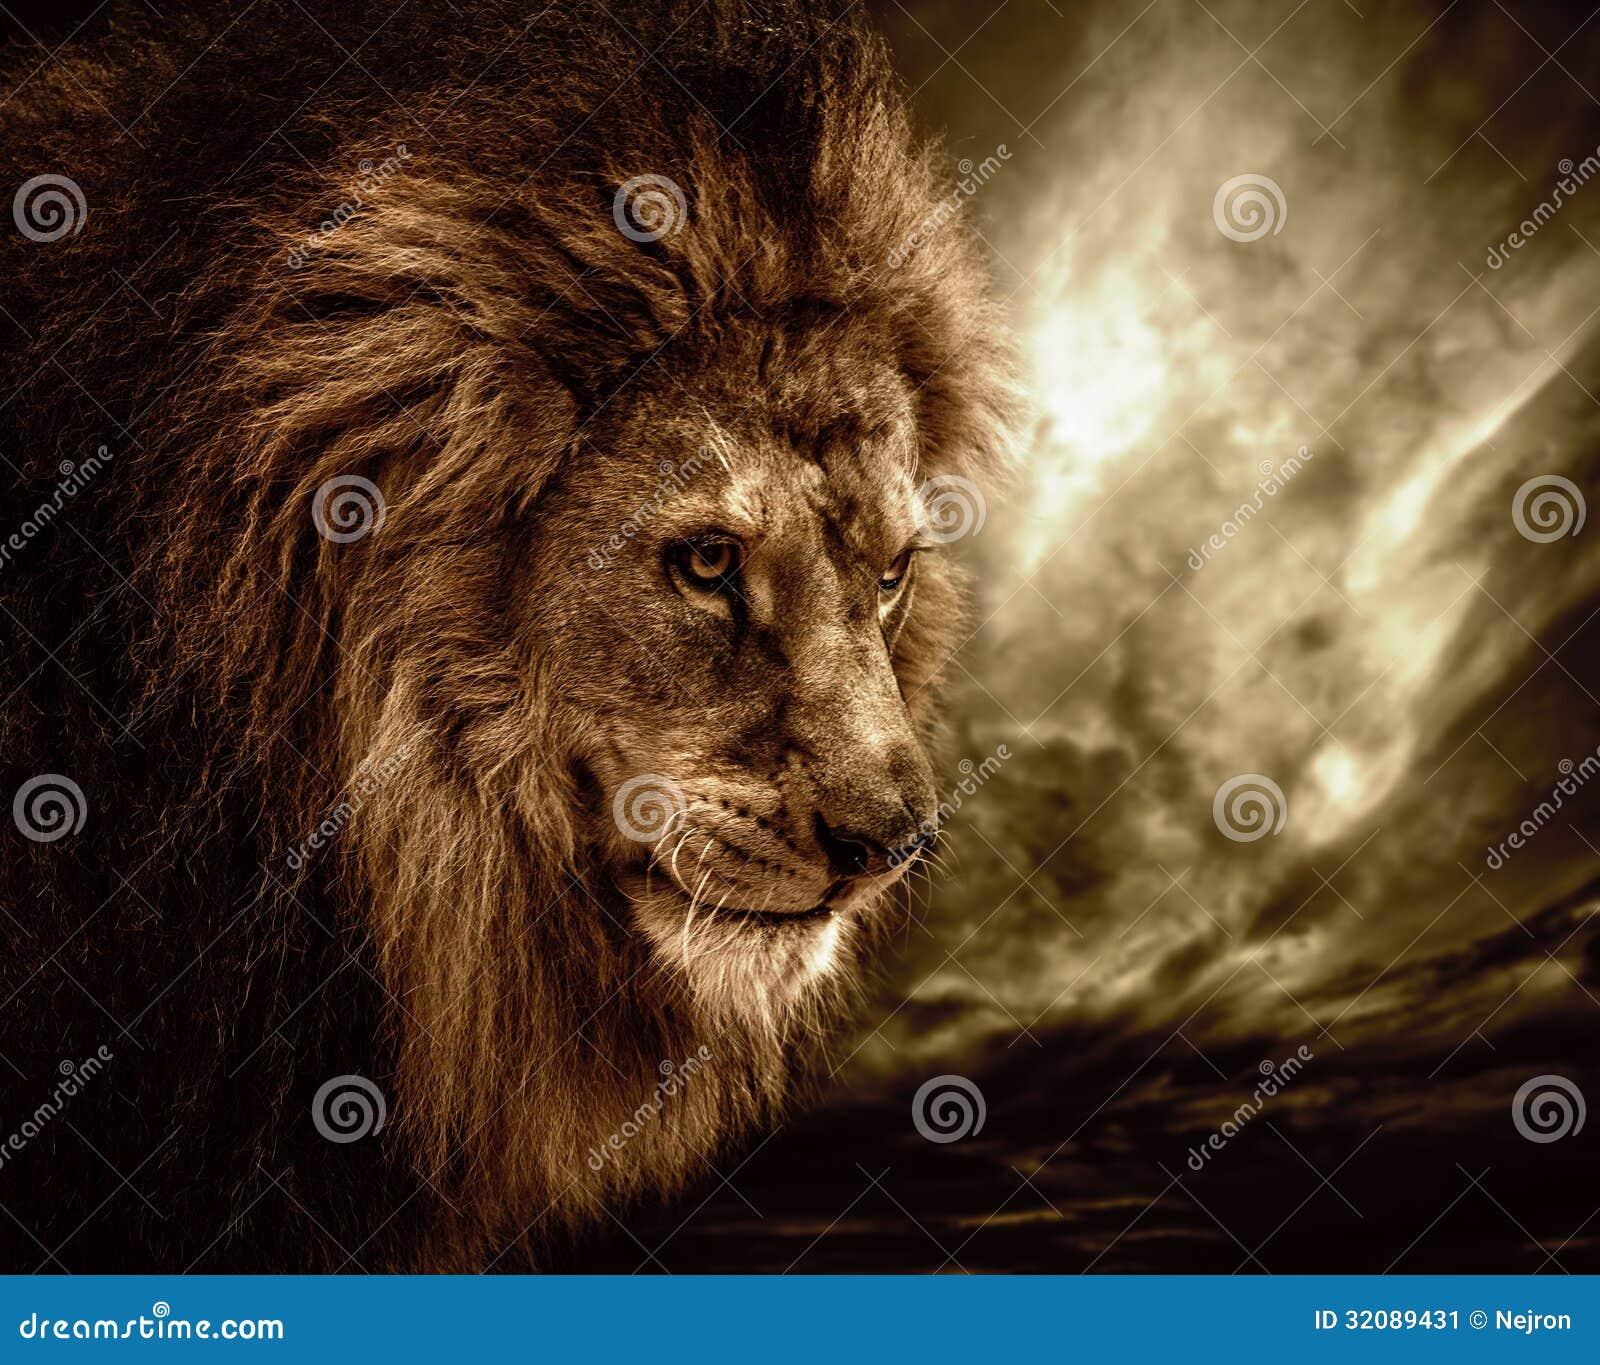 Leeuw in het wild